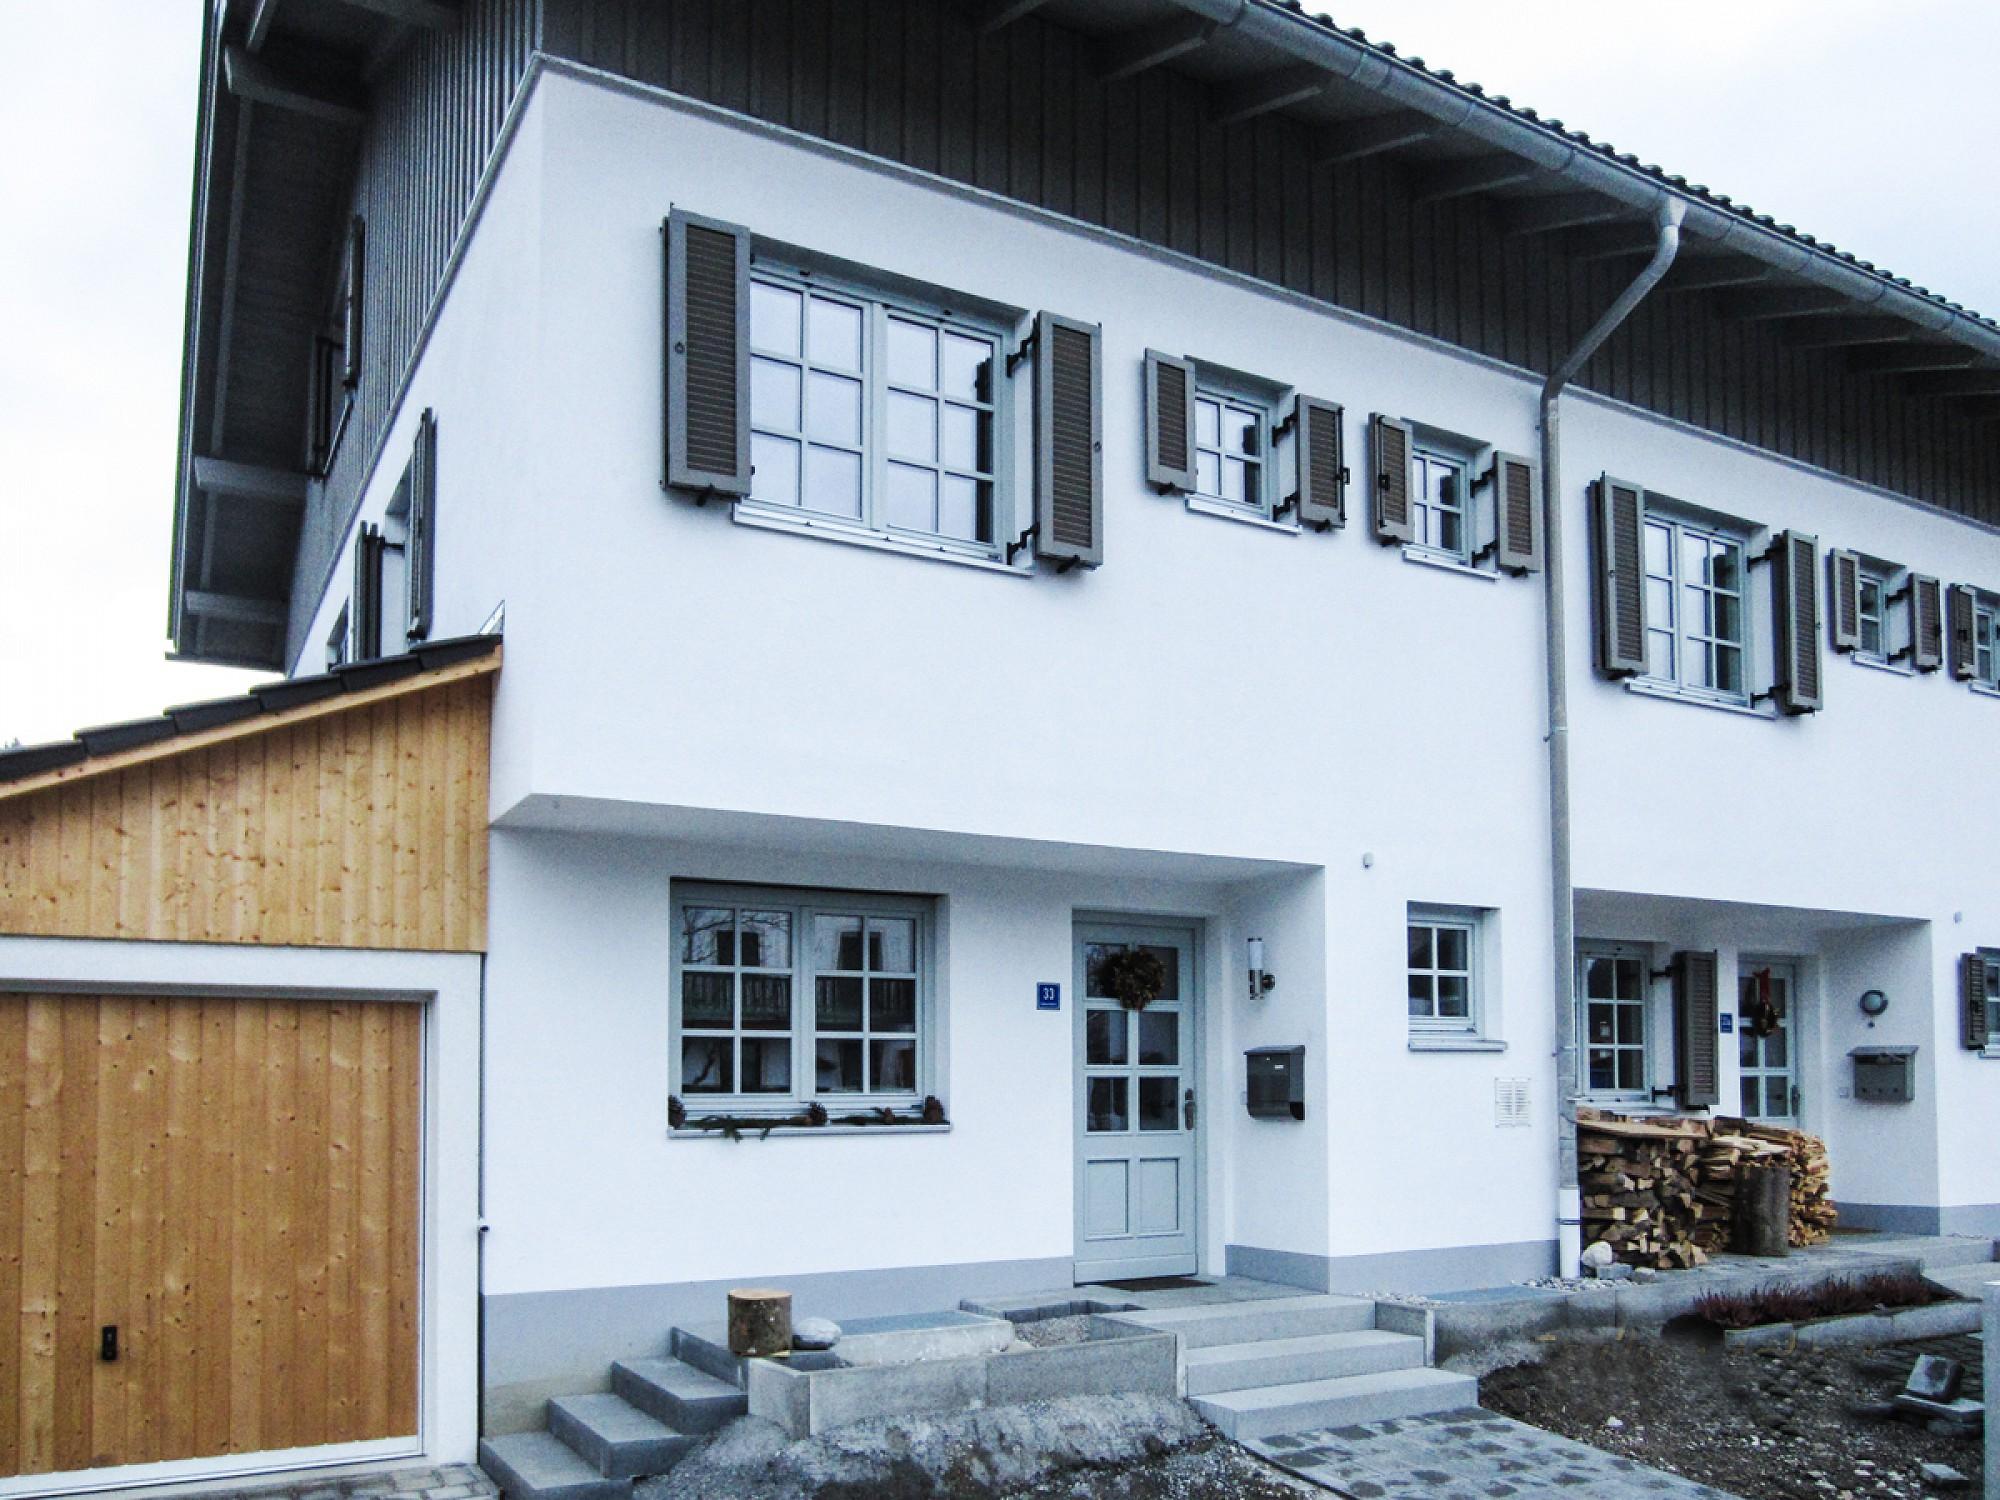 schreinerei maderspacher garmisch partenkirchen. Black Bedroom Furniture Sets. Home Design Ideas